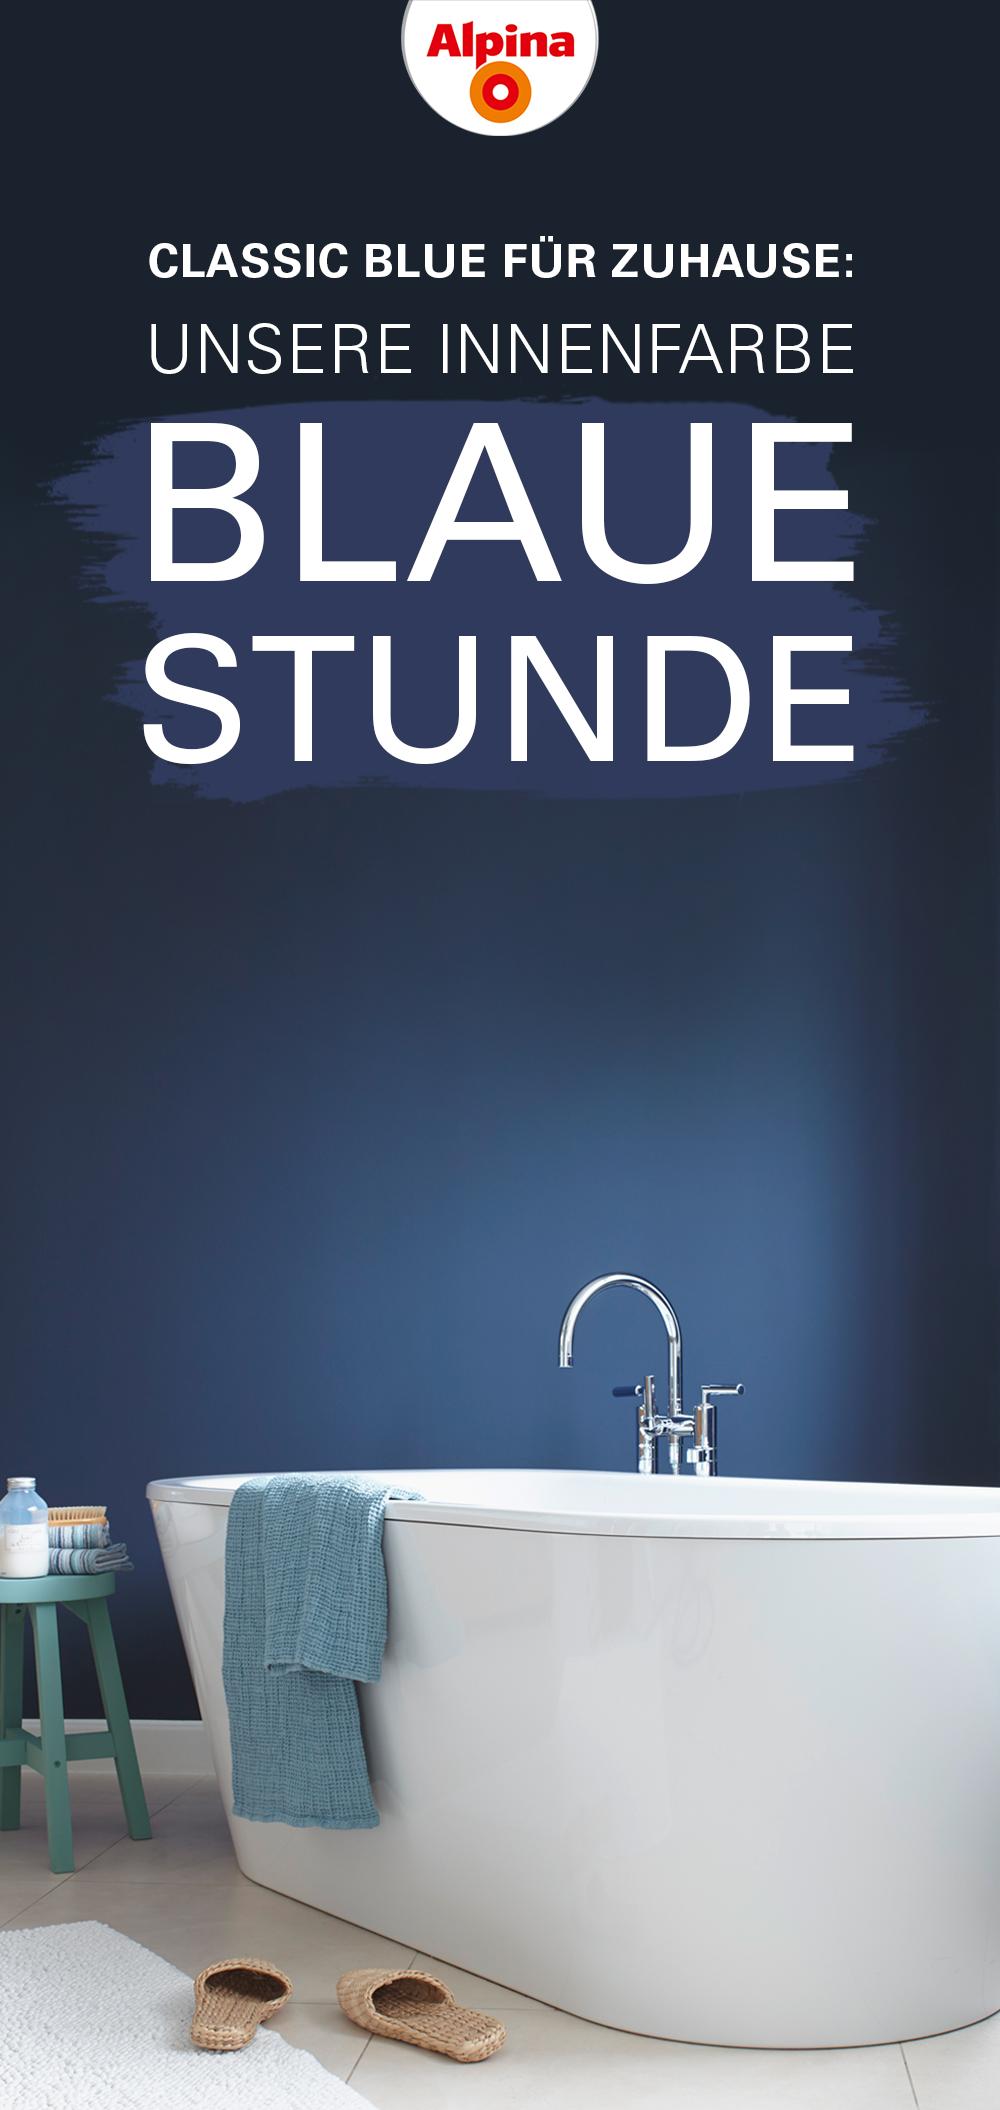 Classic Blue Fur Zuhause Alpina Farbrezepte Blaue Stunde Alpina Farbrezepte Innenfarbe Farben